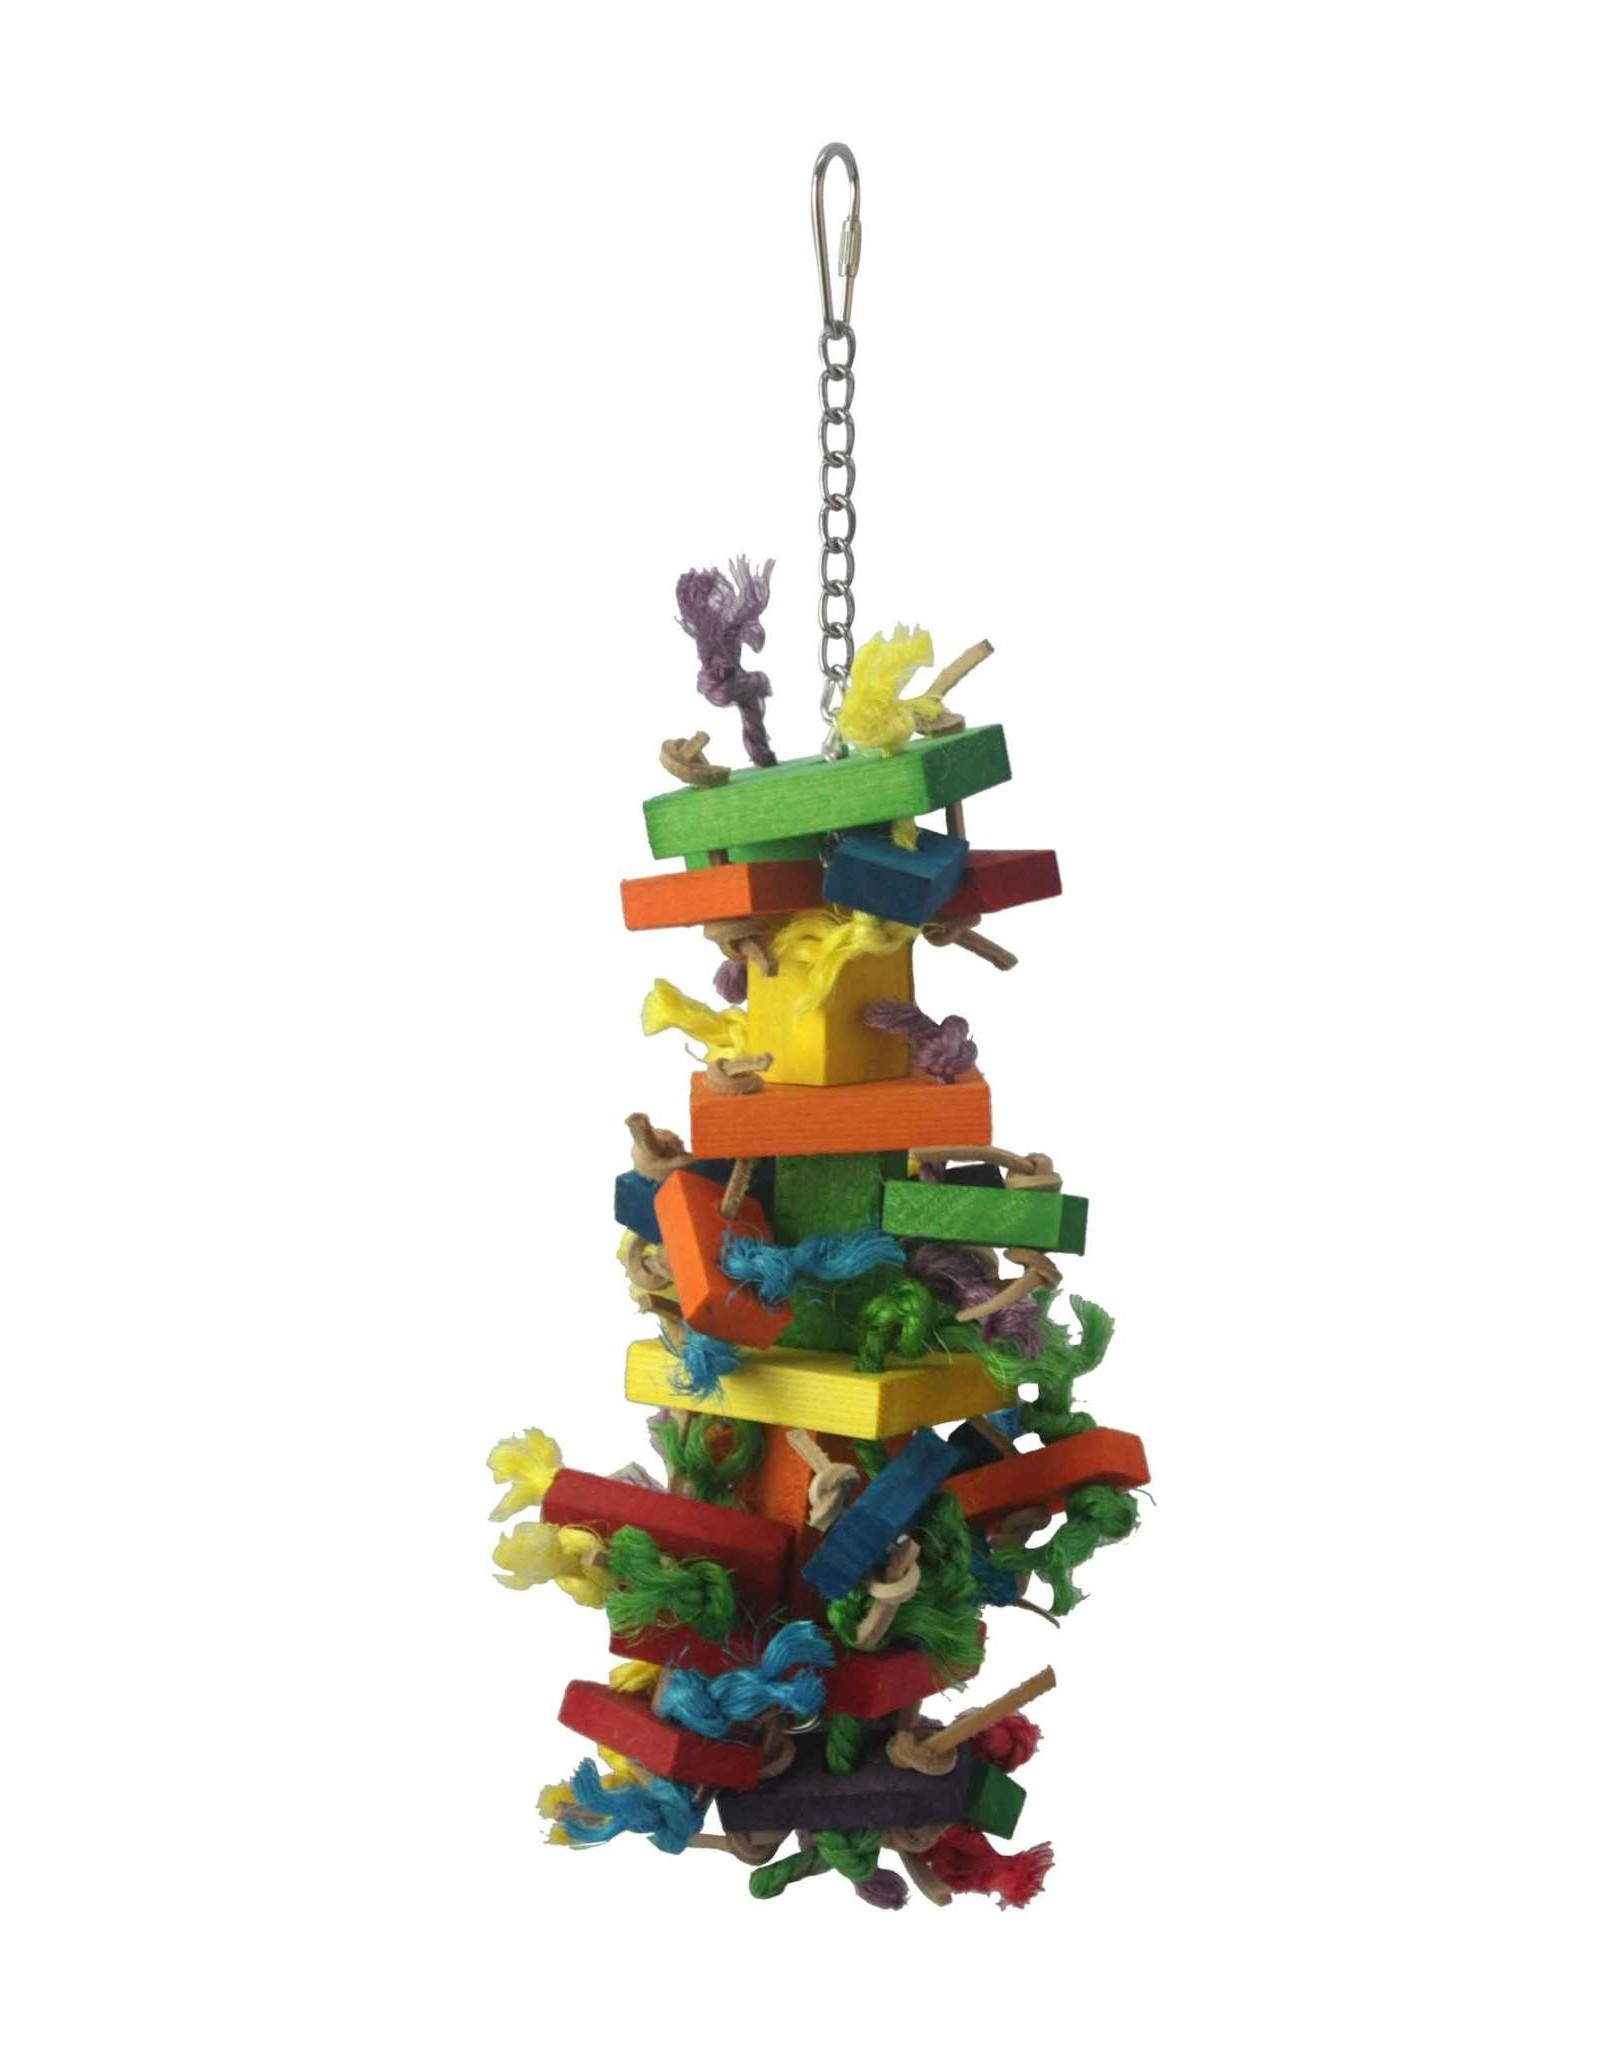 A & E CAGE CO. Small Cluster Blocks